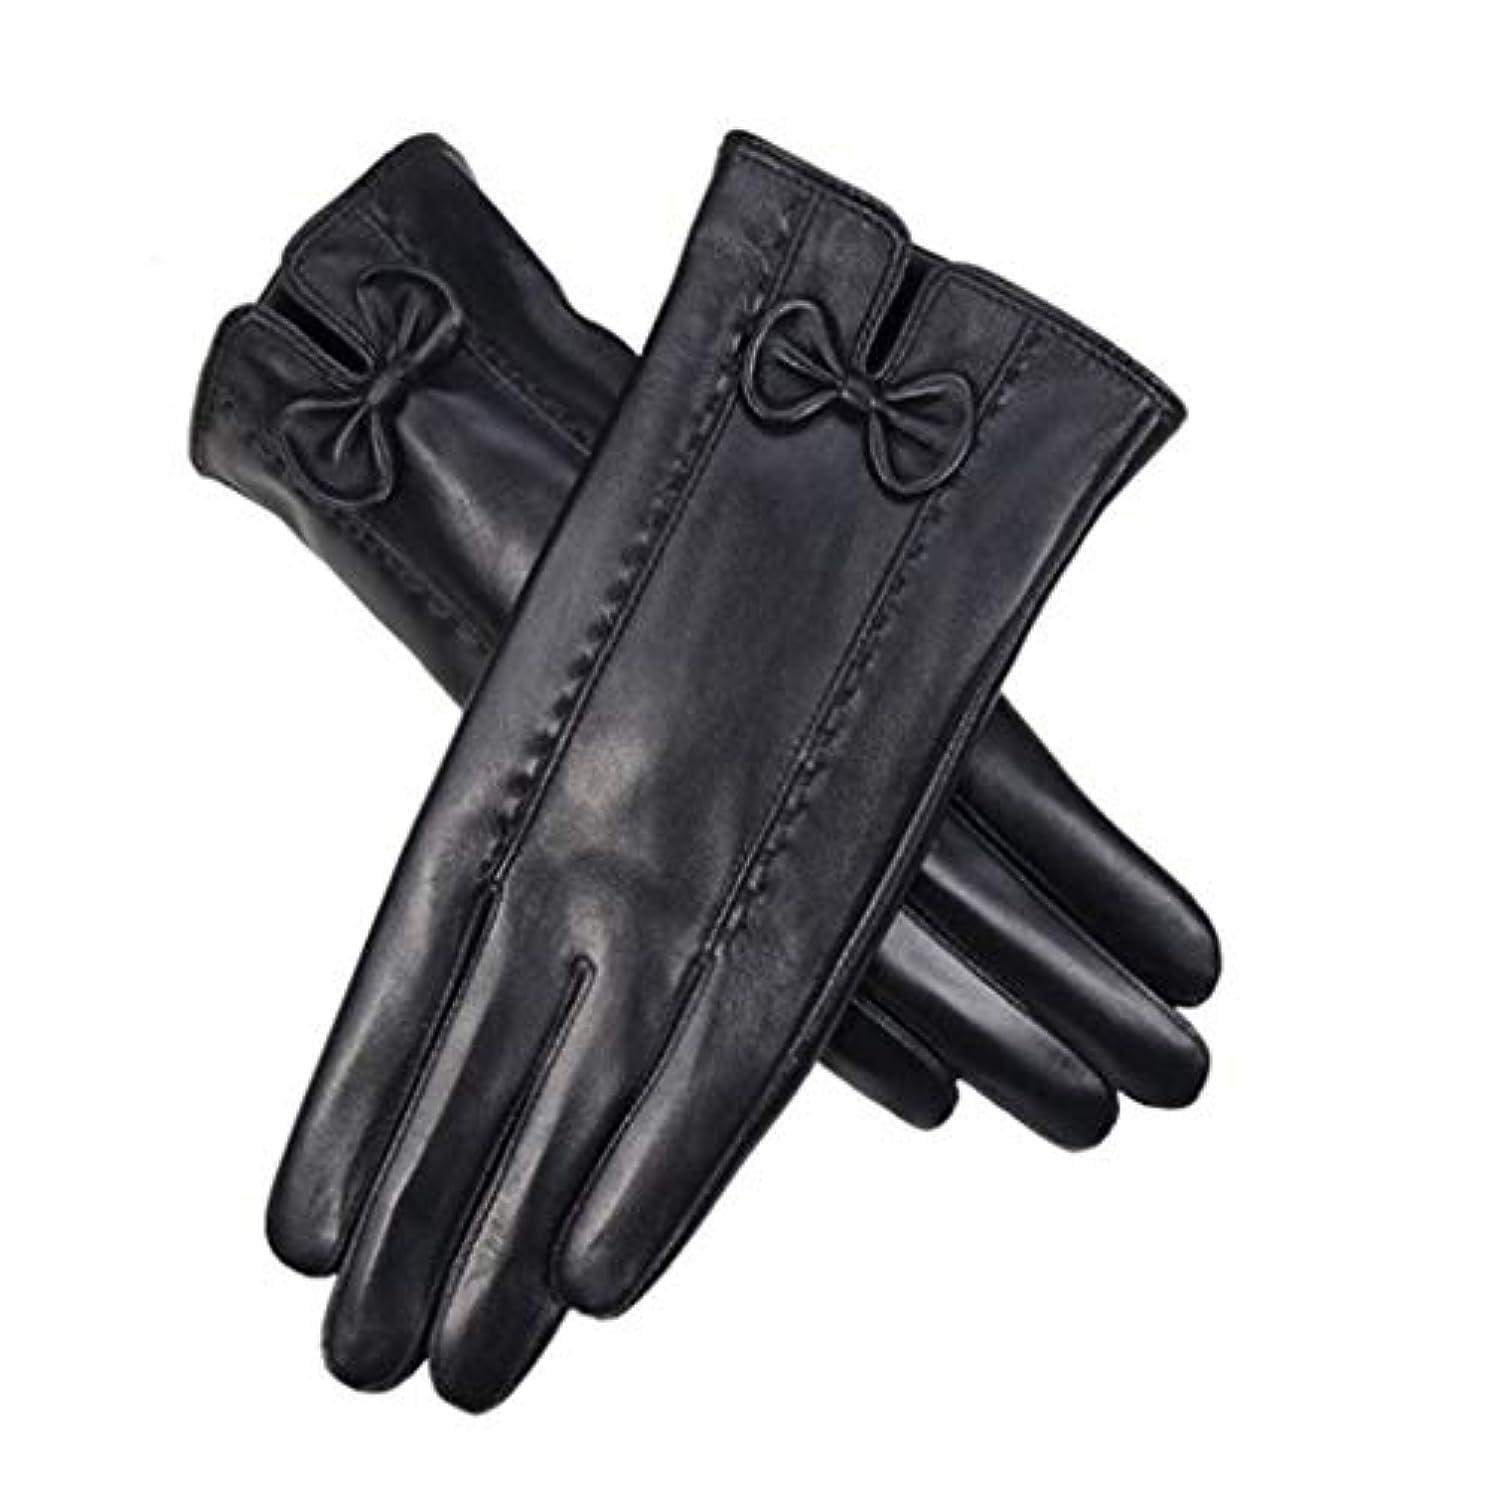 将来の狂信者彼自身女性の綿手袋冬プラス車の屋外サイクリング冷たい女性のタッチスクリーン手袋の厚い暖かい韓国語バージョン